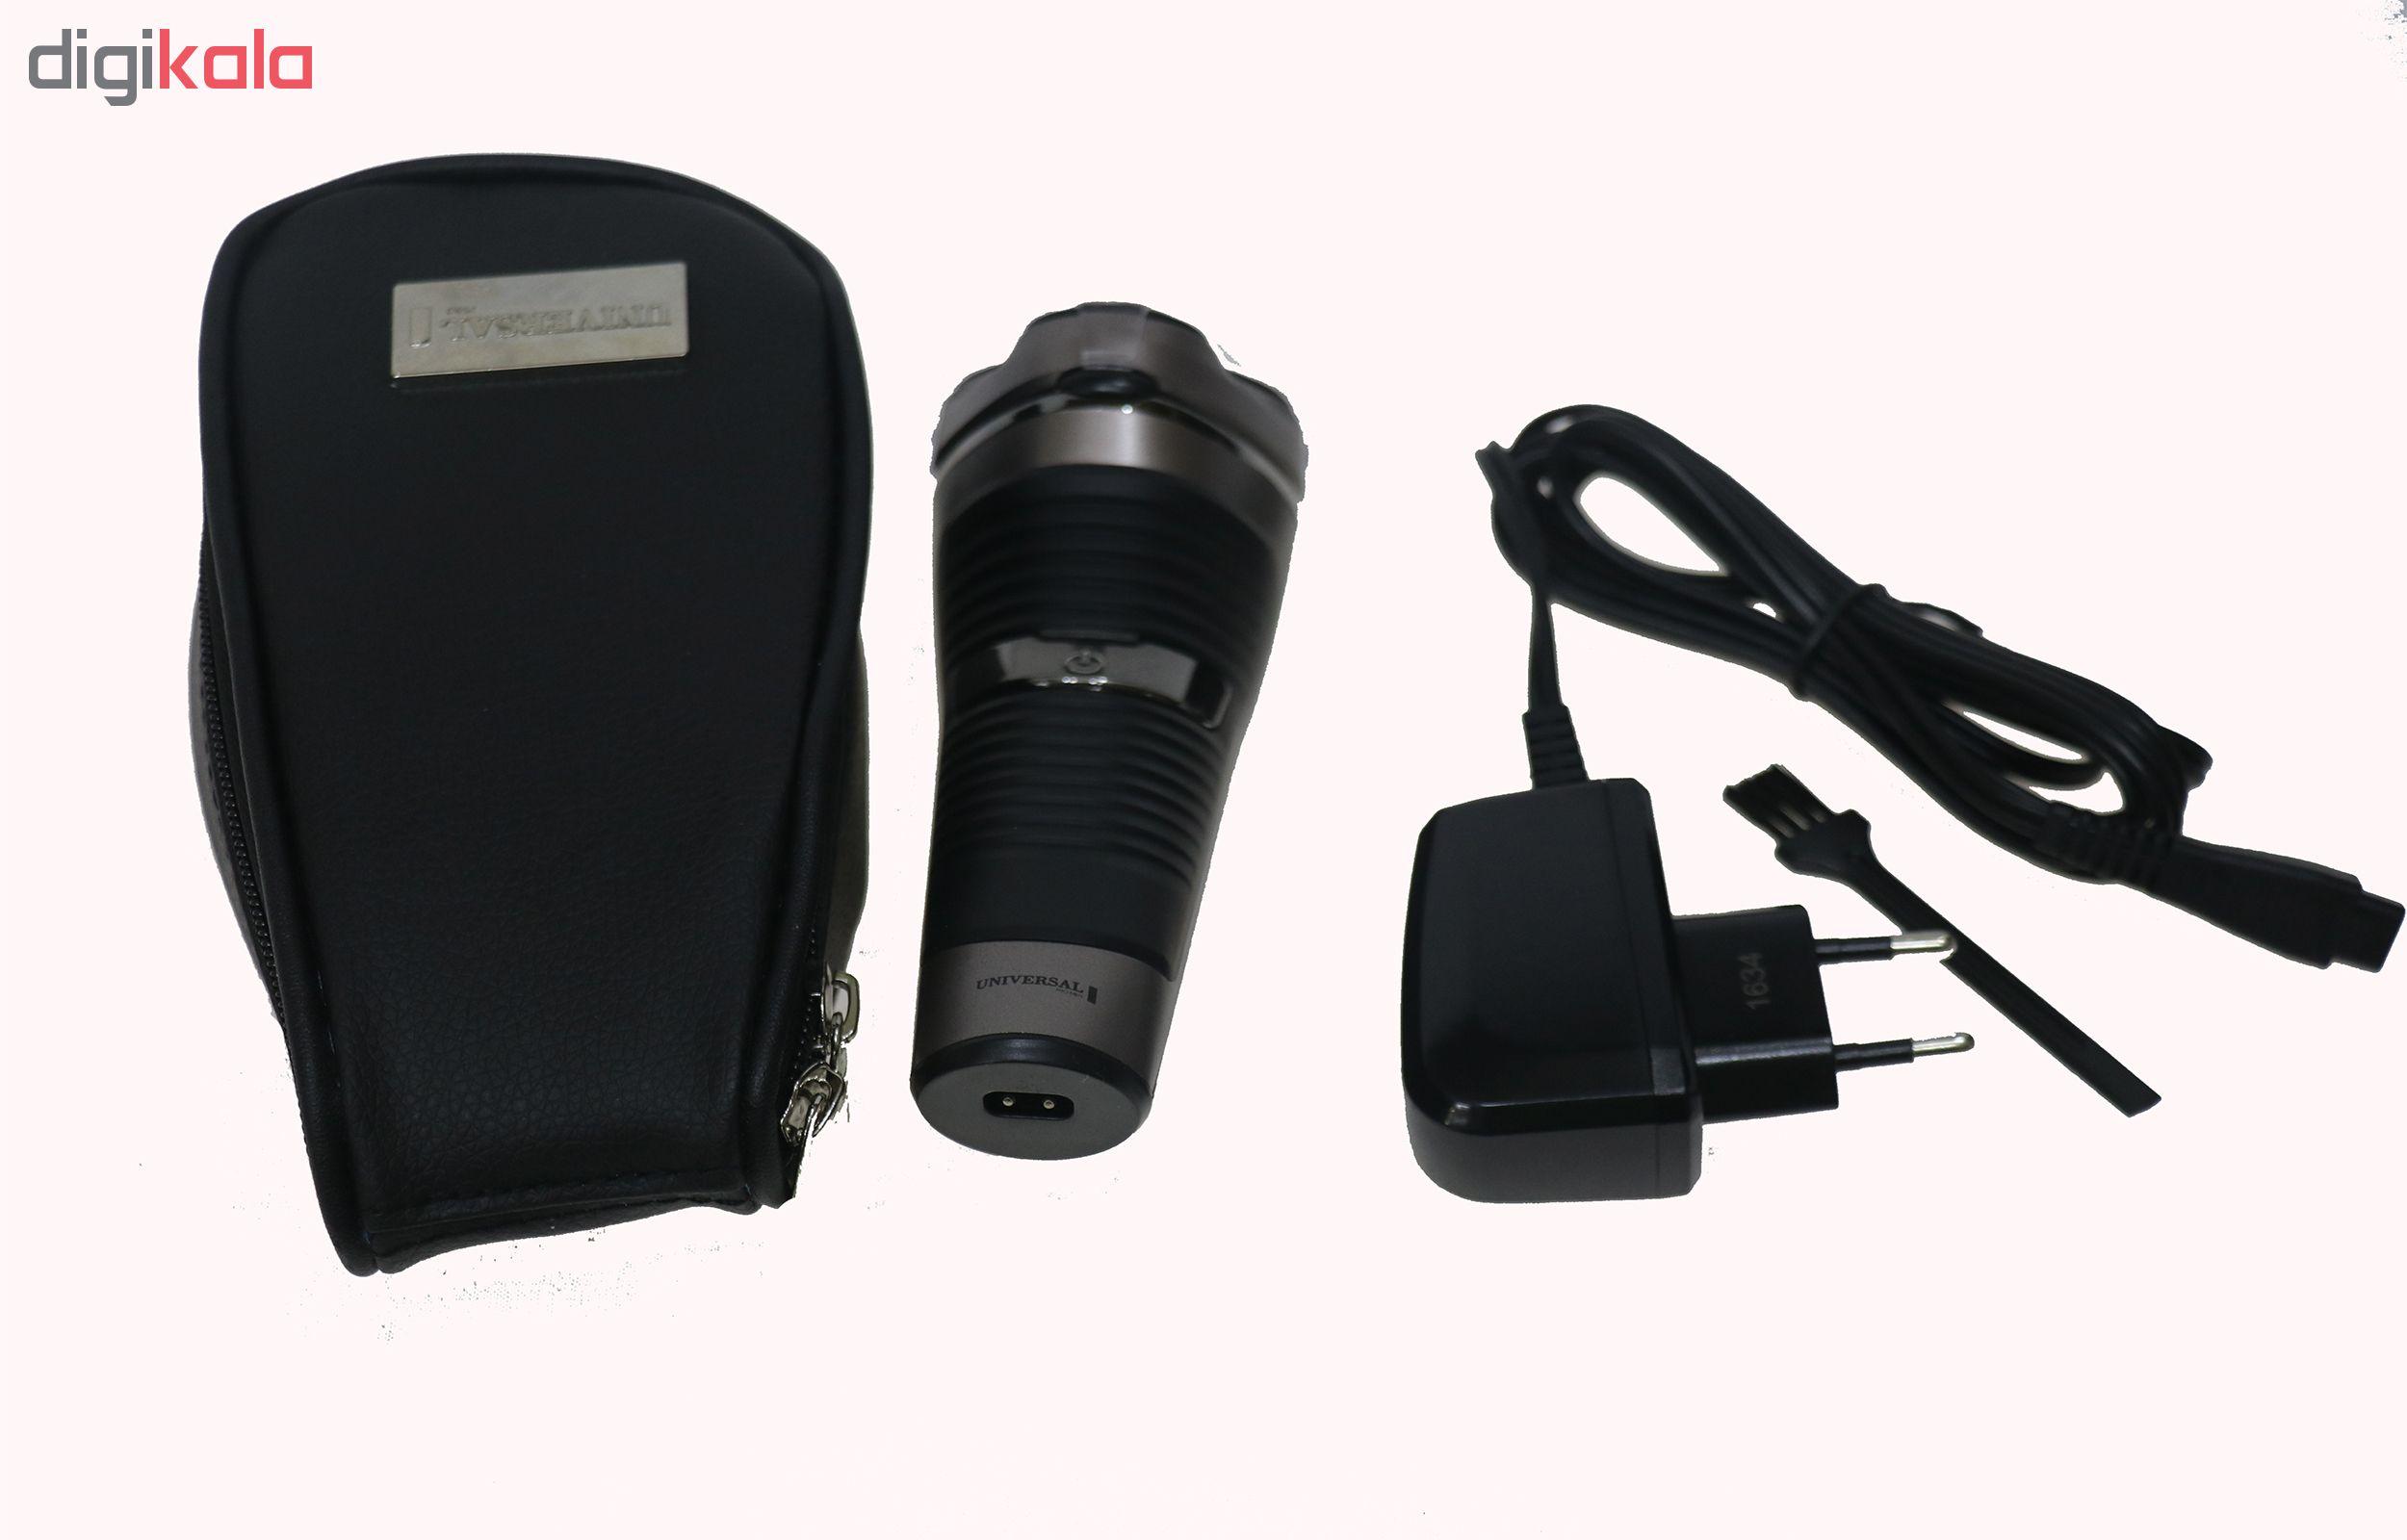 ماشین اصلاح موی صورت یونیورسال مدل LT-9932  Universal LT-9932 Shaver